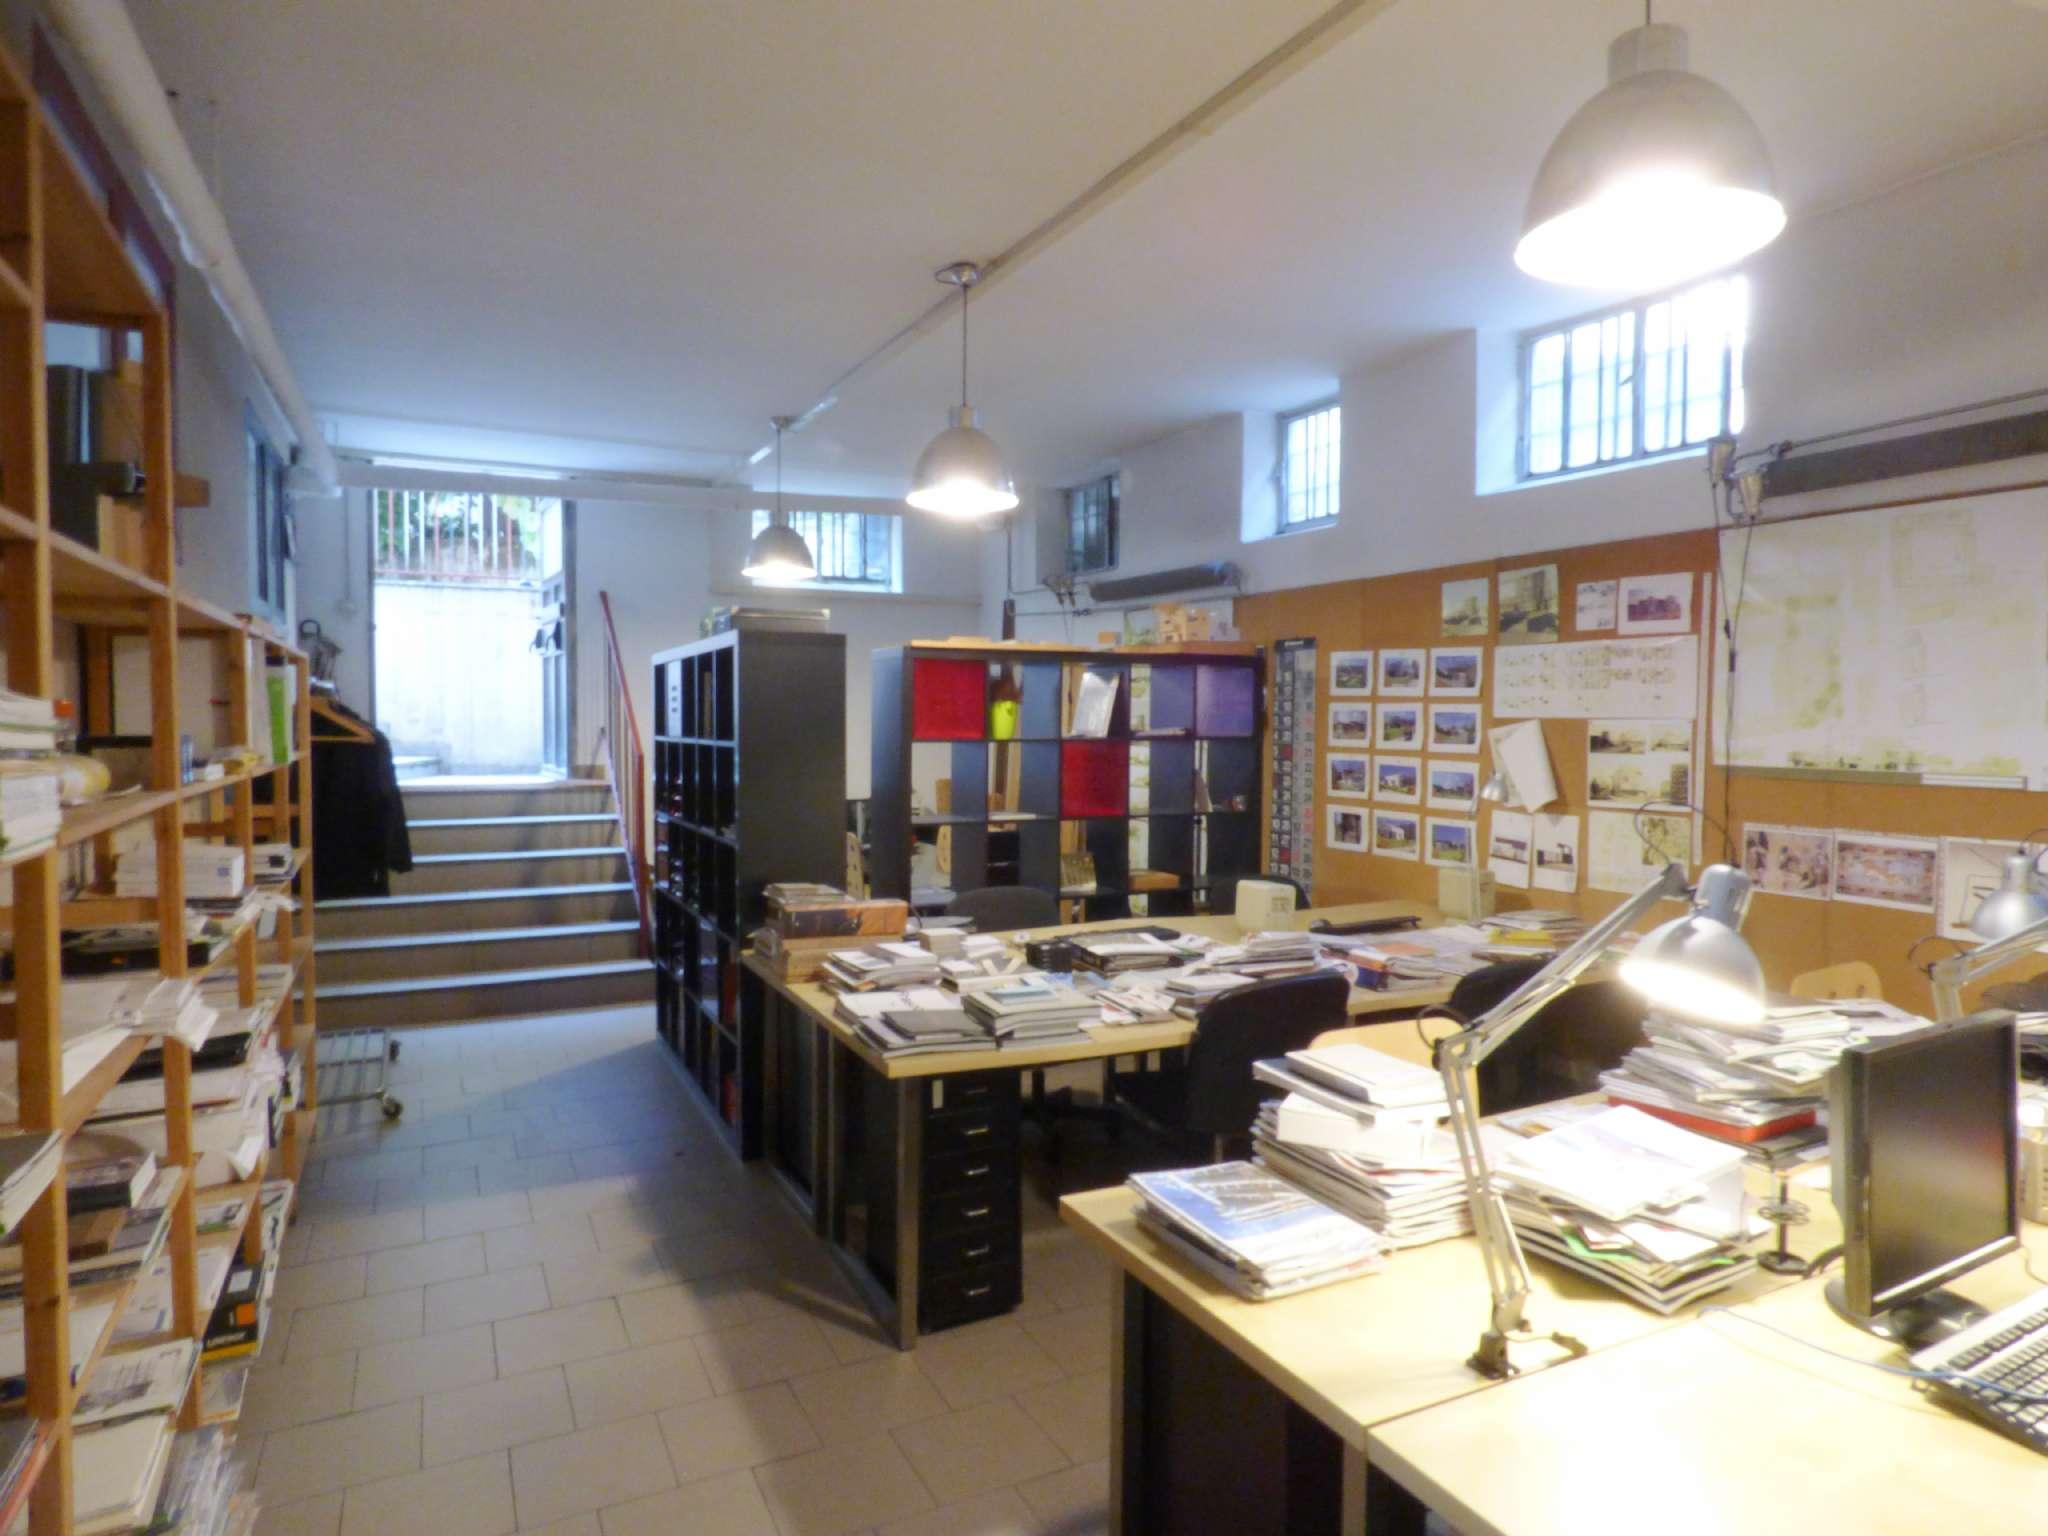 Laboratorio in Vendita a Milano 17 Marghera / Wagner / Fiera:  5 locali, 215 mq  - Foto 1